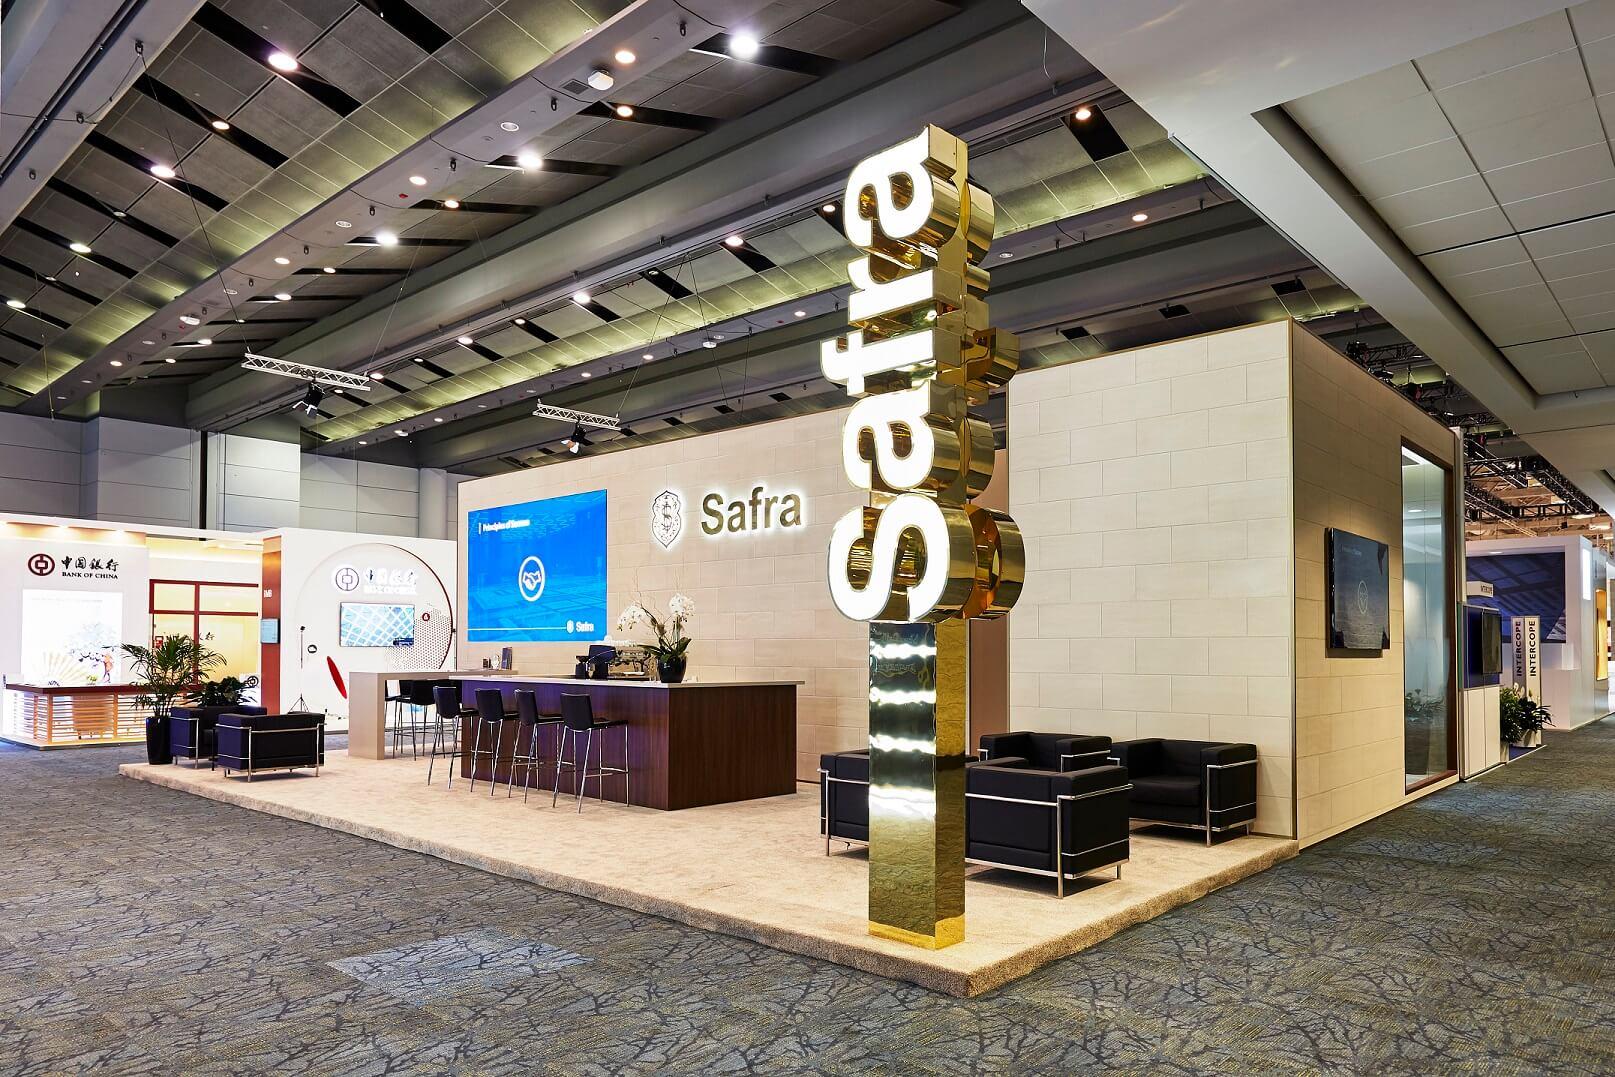 Banco Safra, Sibos 2017